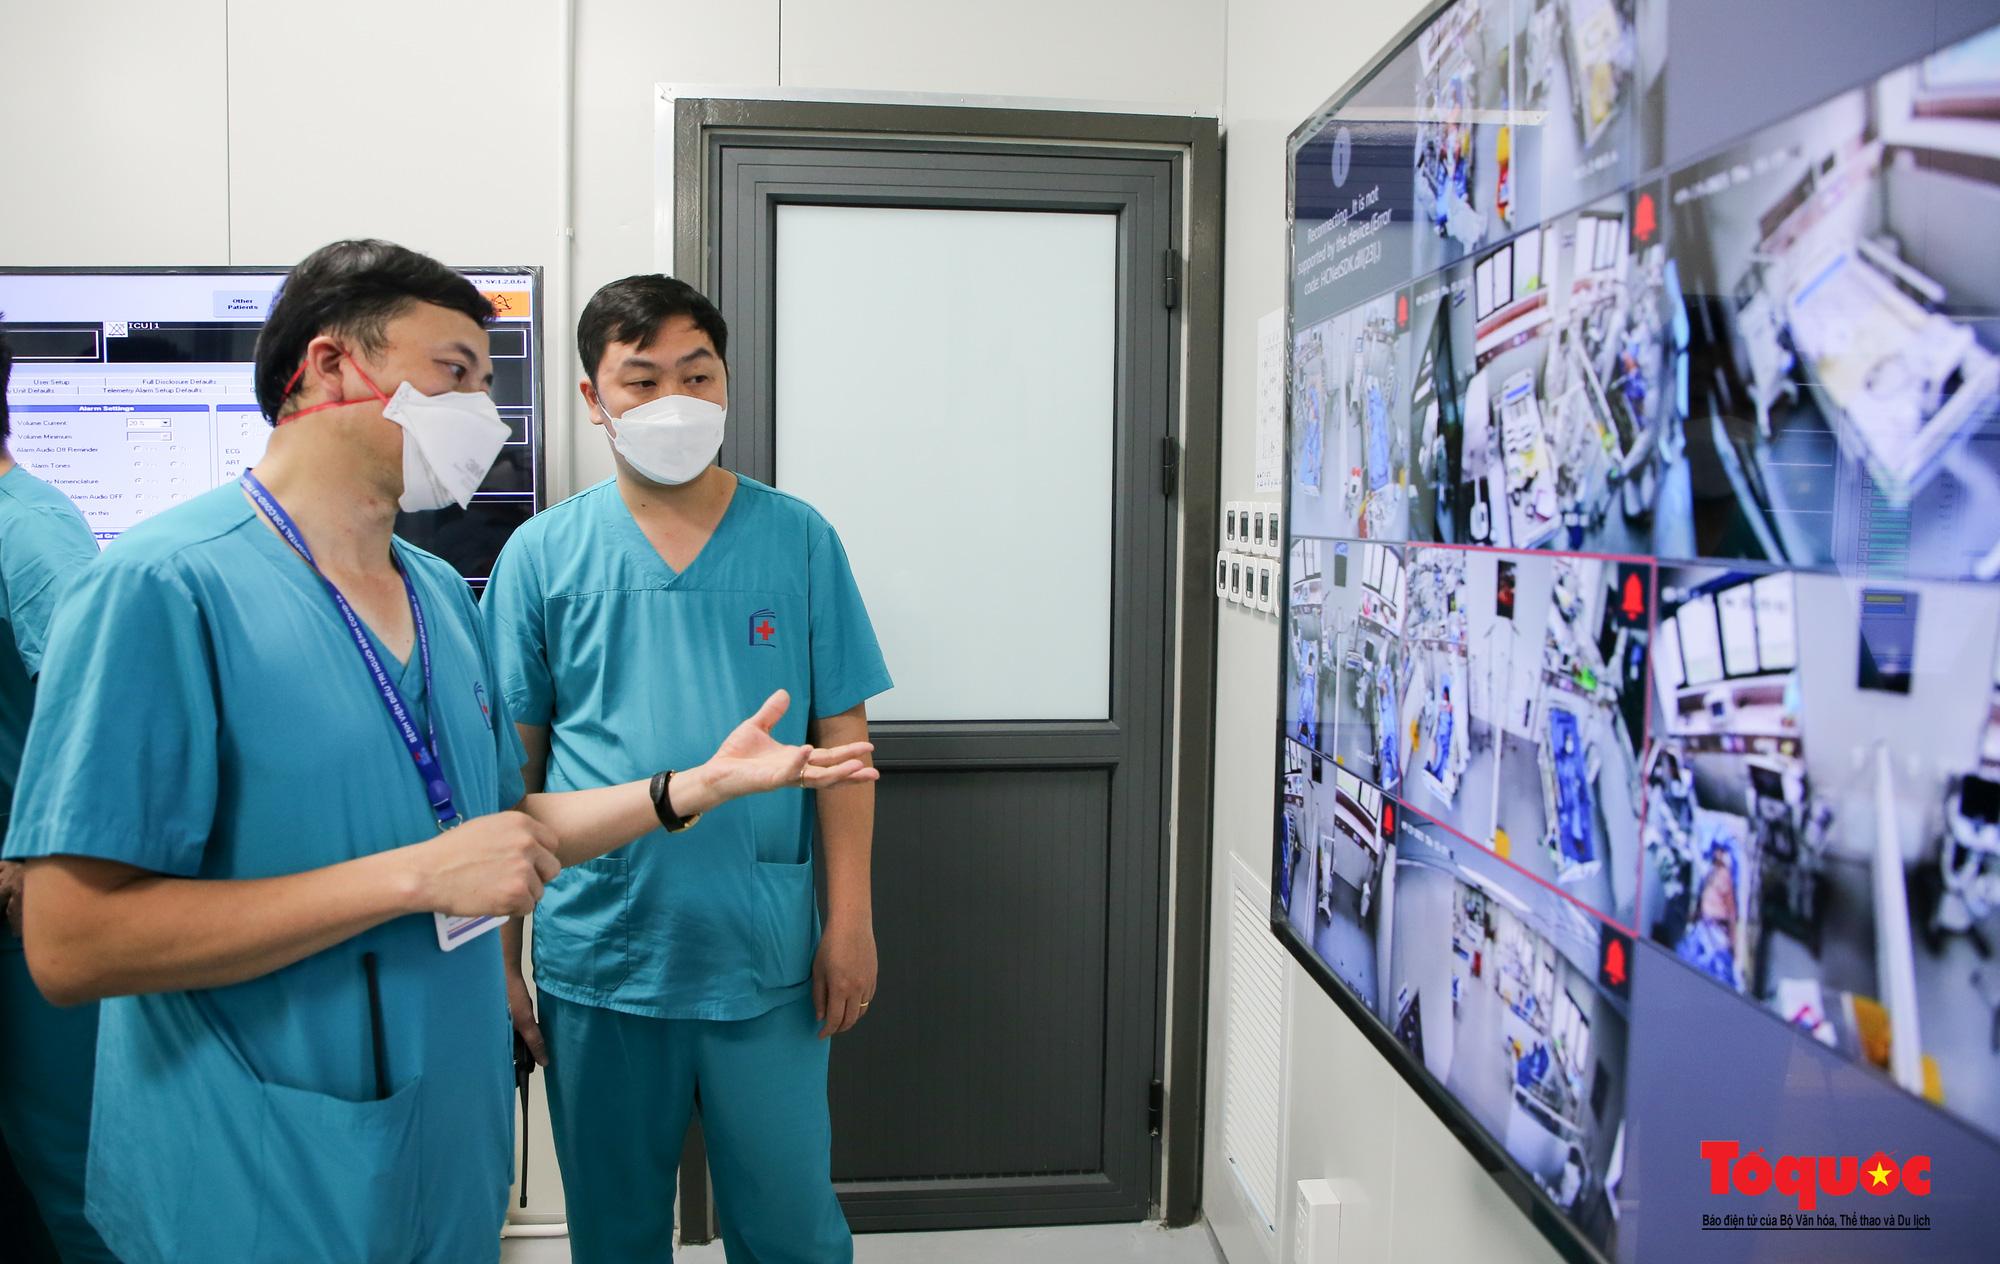 Hà Nội: Cận cảnh bên trong khu điều trị hiện đại của Bệnh viện điều trị người bệnh Covid 19  - Ảnh 15.